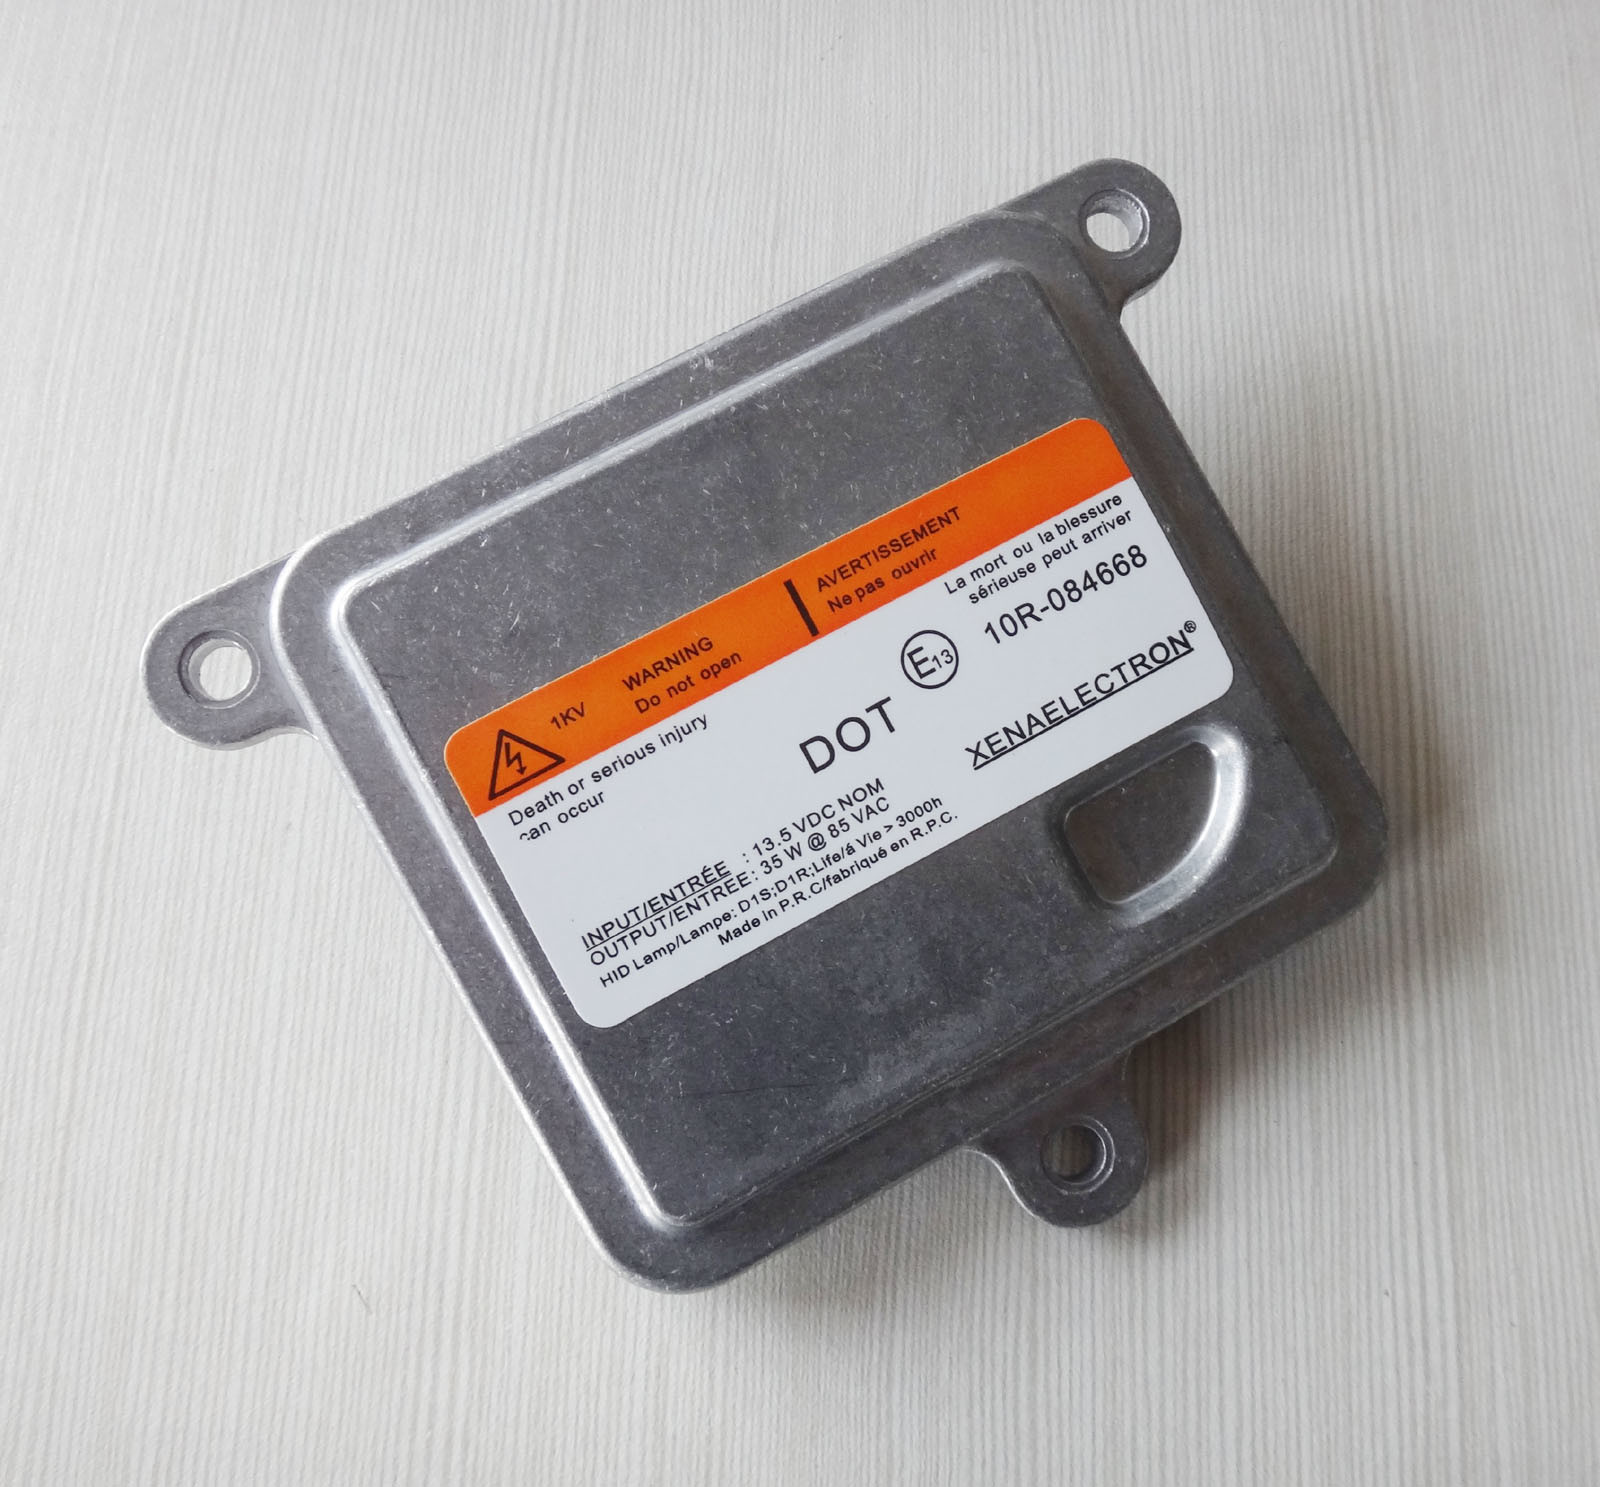 Japan Auto D2s Original Blaster